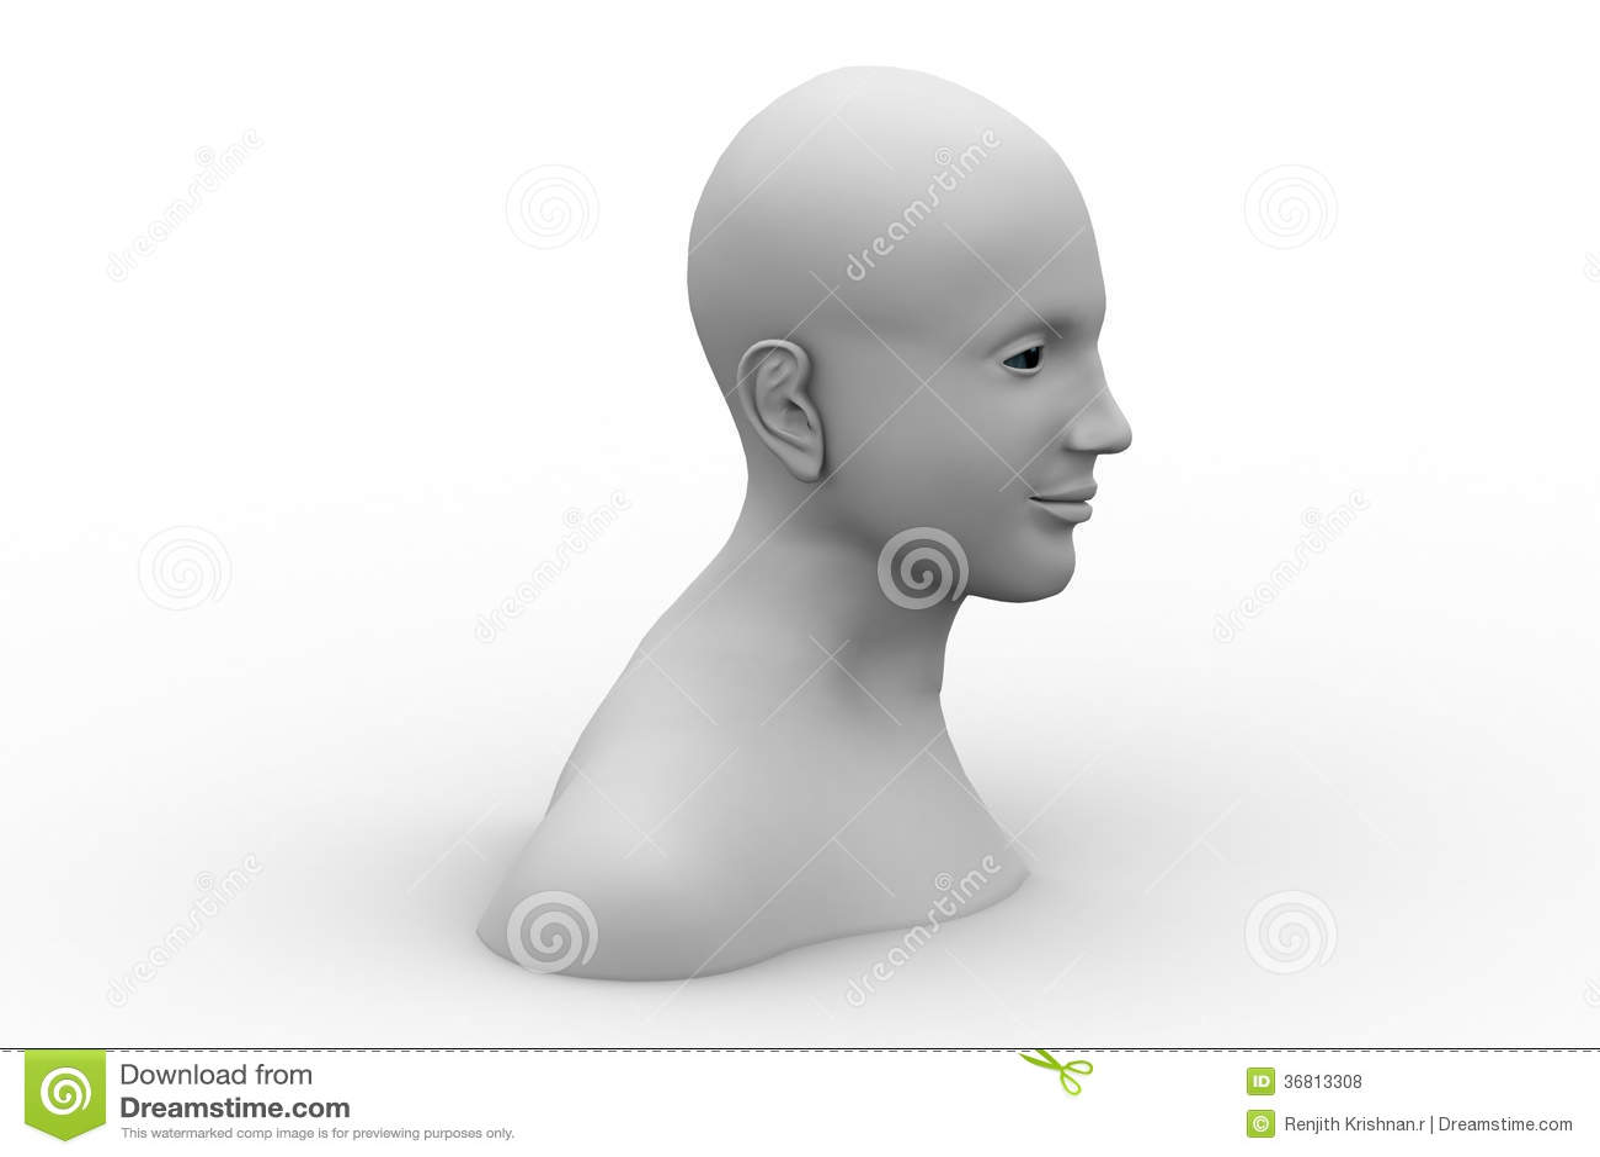 Groß Gesichtsanatomie Fotos - Menschliche Anatomie Bilder ...